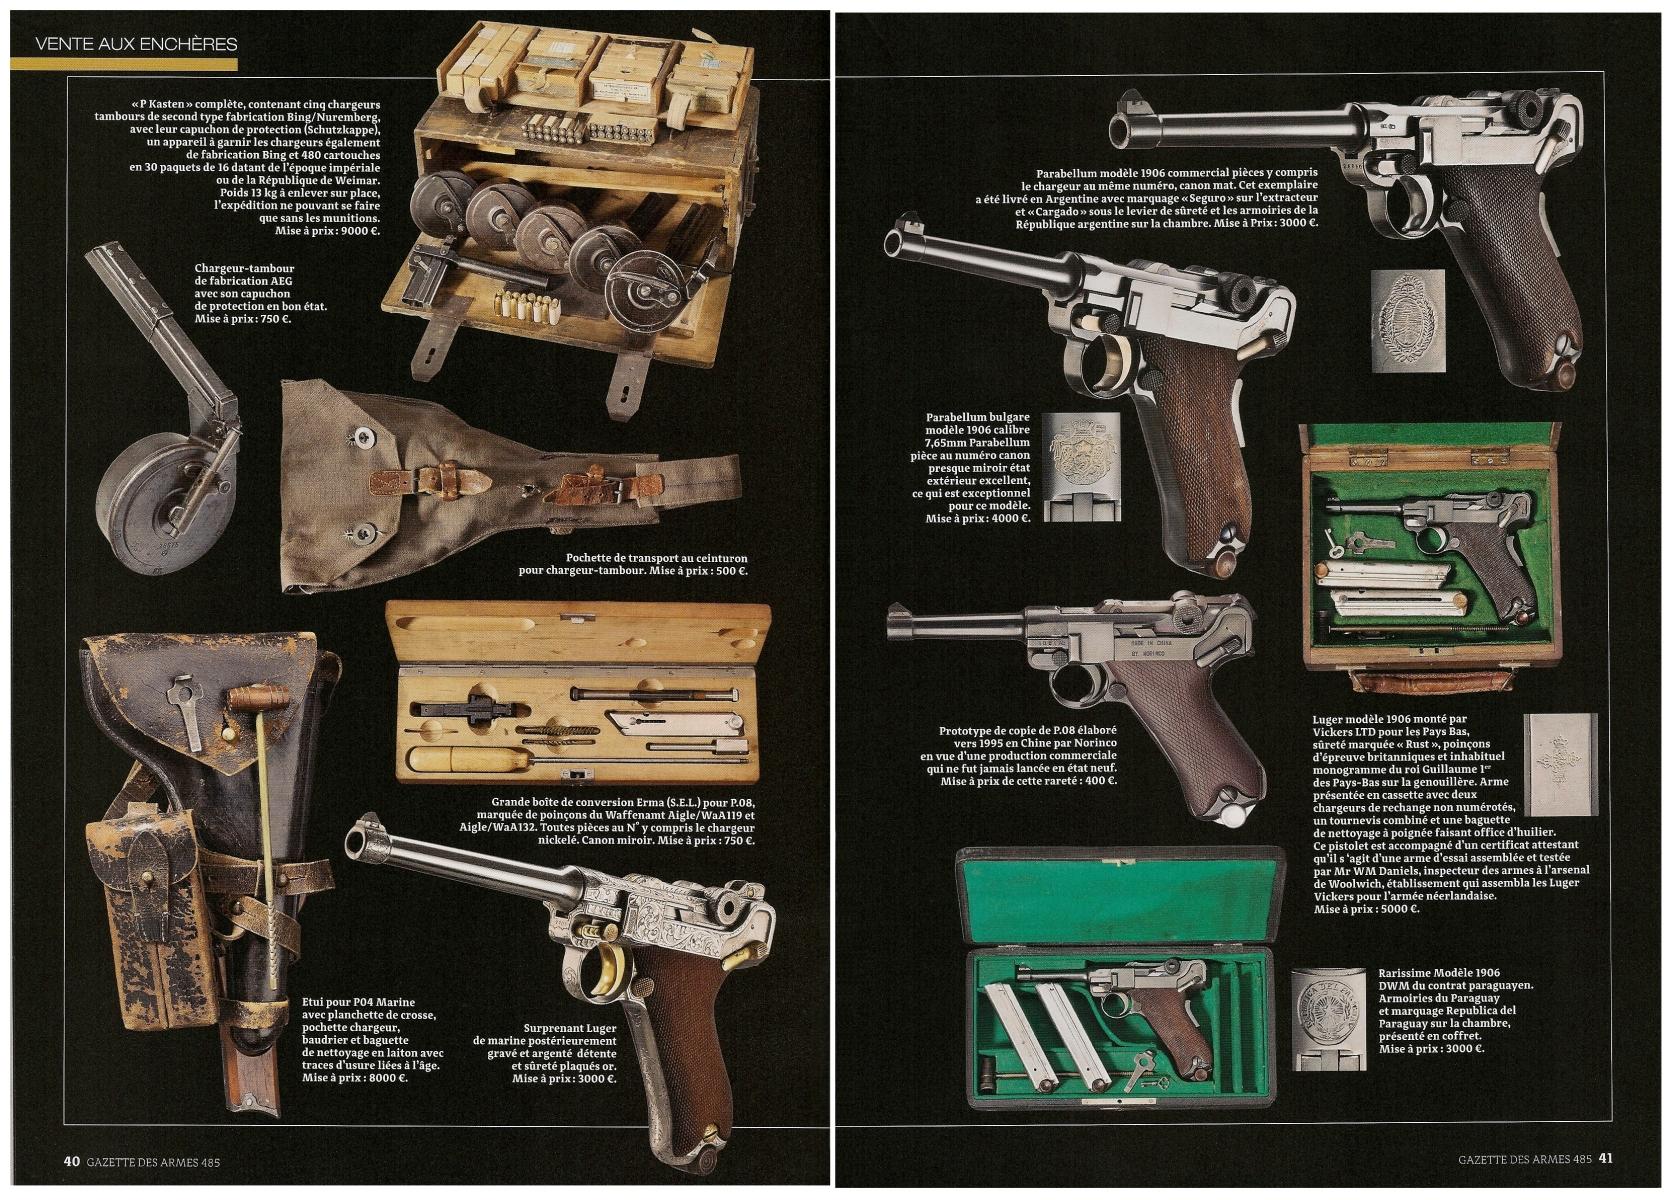 Les amateurs des pistolets « Luger » y trouveront notamment, exposées sur cinq pages, les photos d'une exceptionnelle collection mise en vente par la société allemande Hermann-Historica.